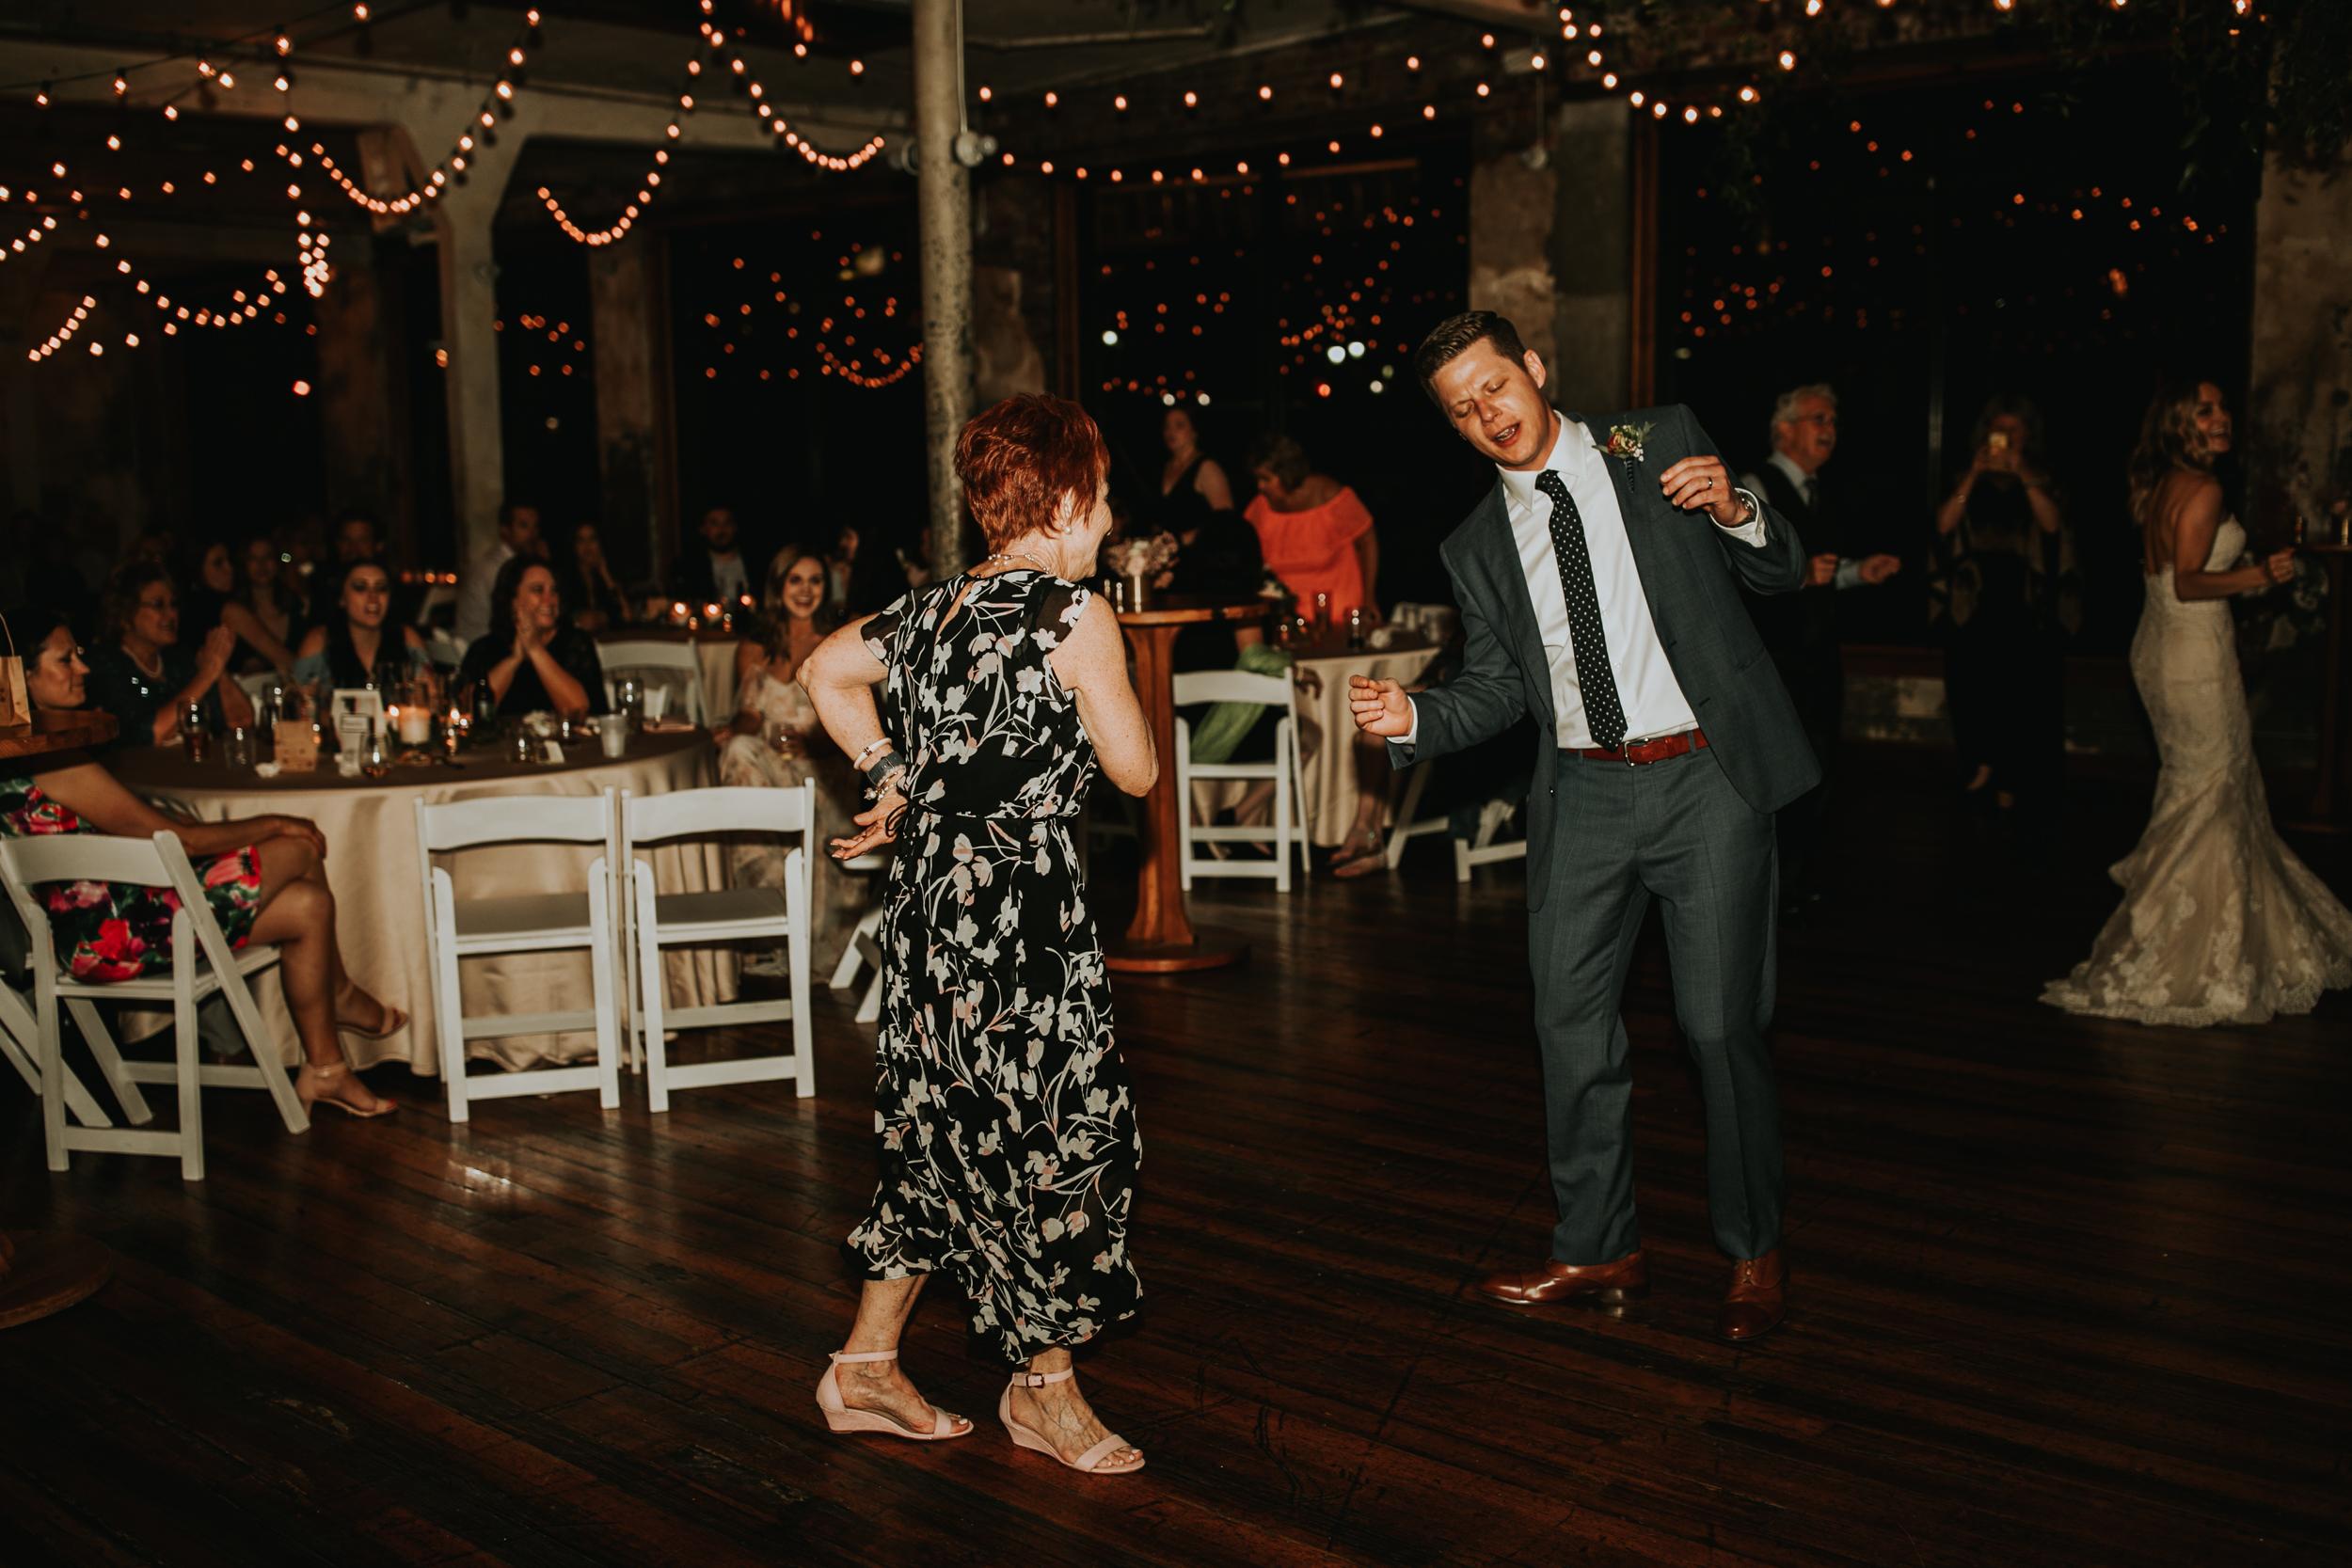 Britt and Scott Wedding Reception at The Bauer in Kansas City-188.jpg